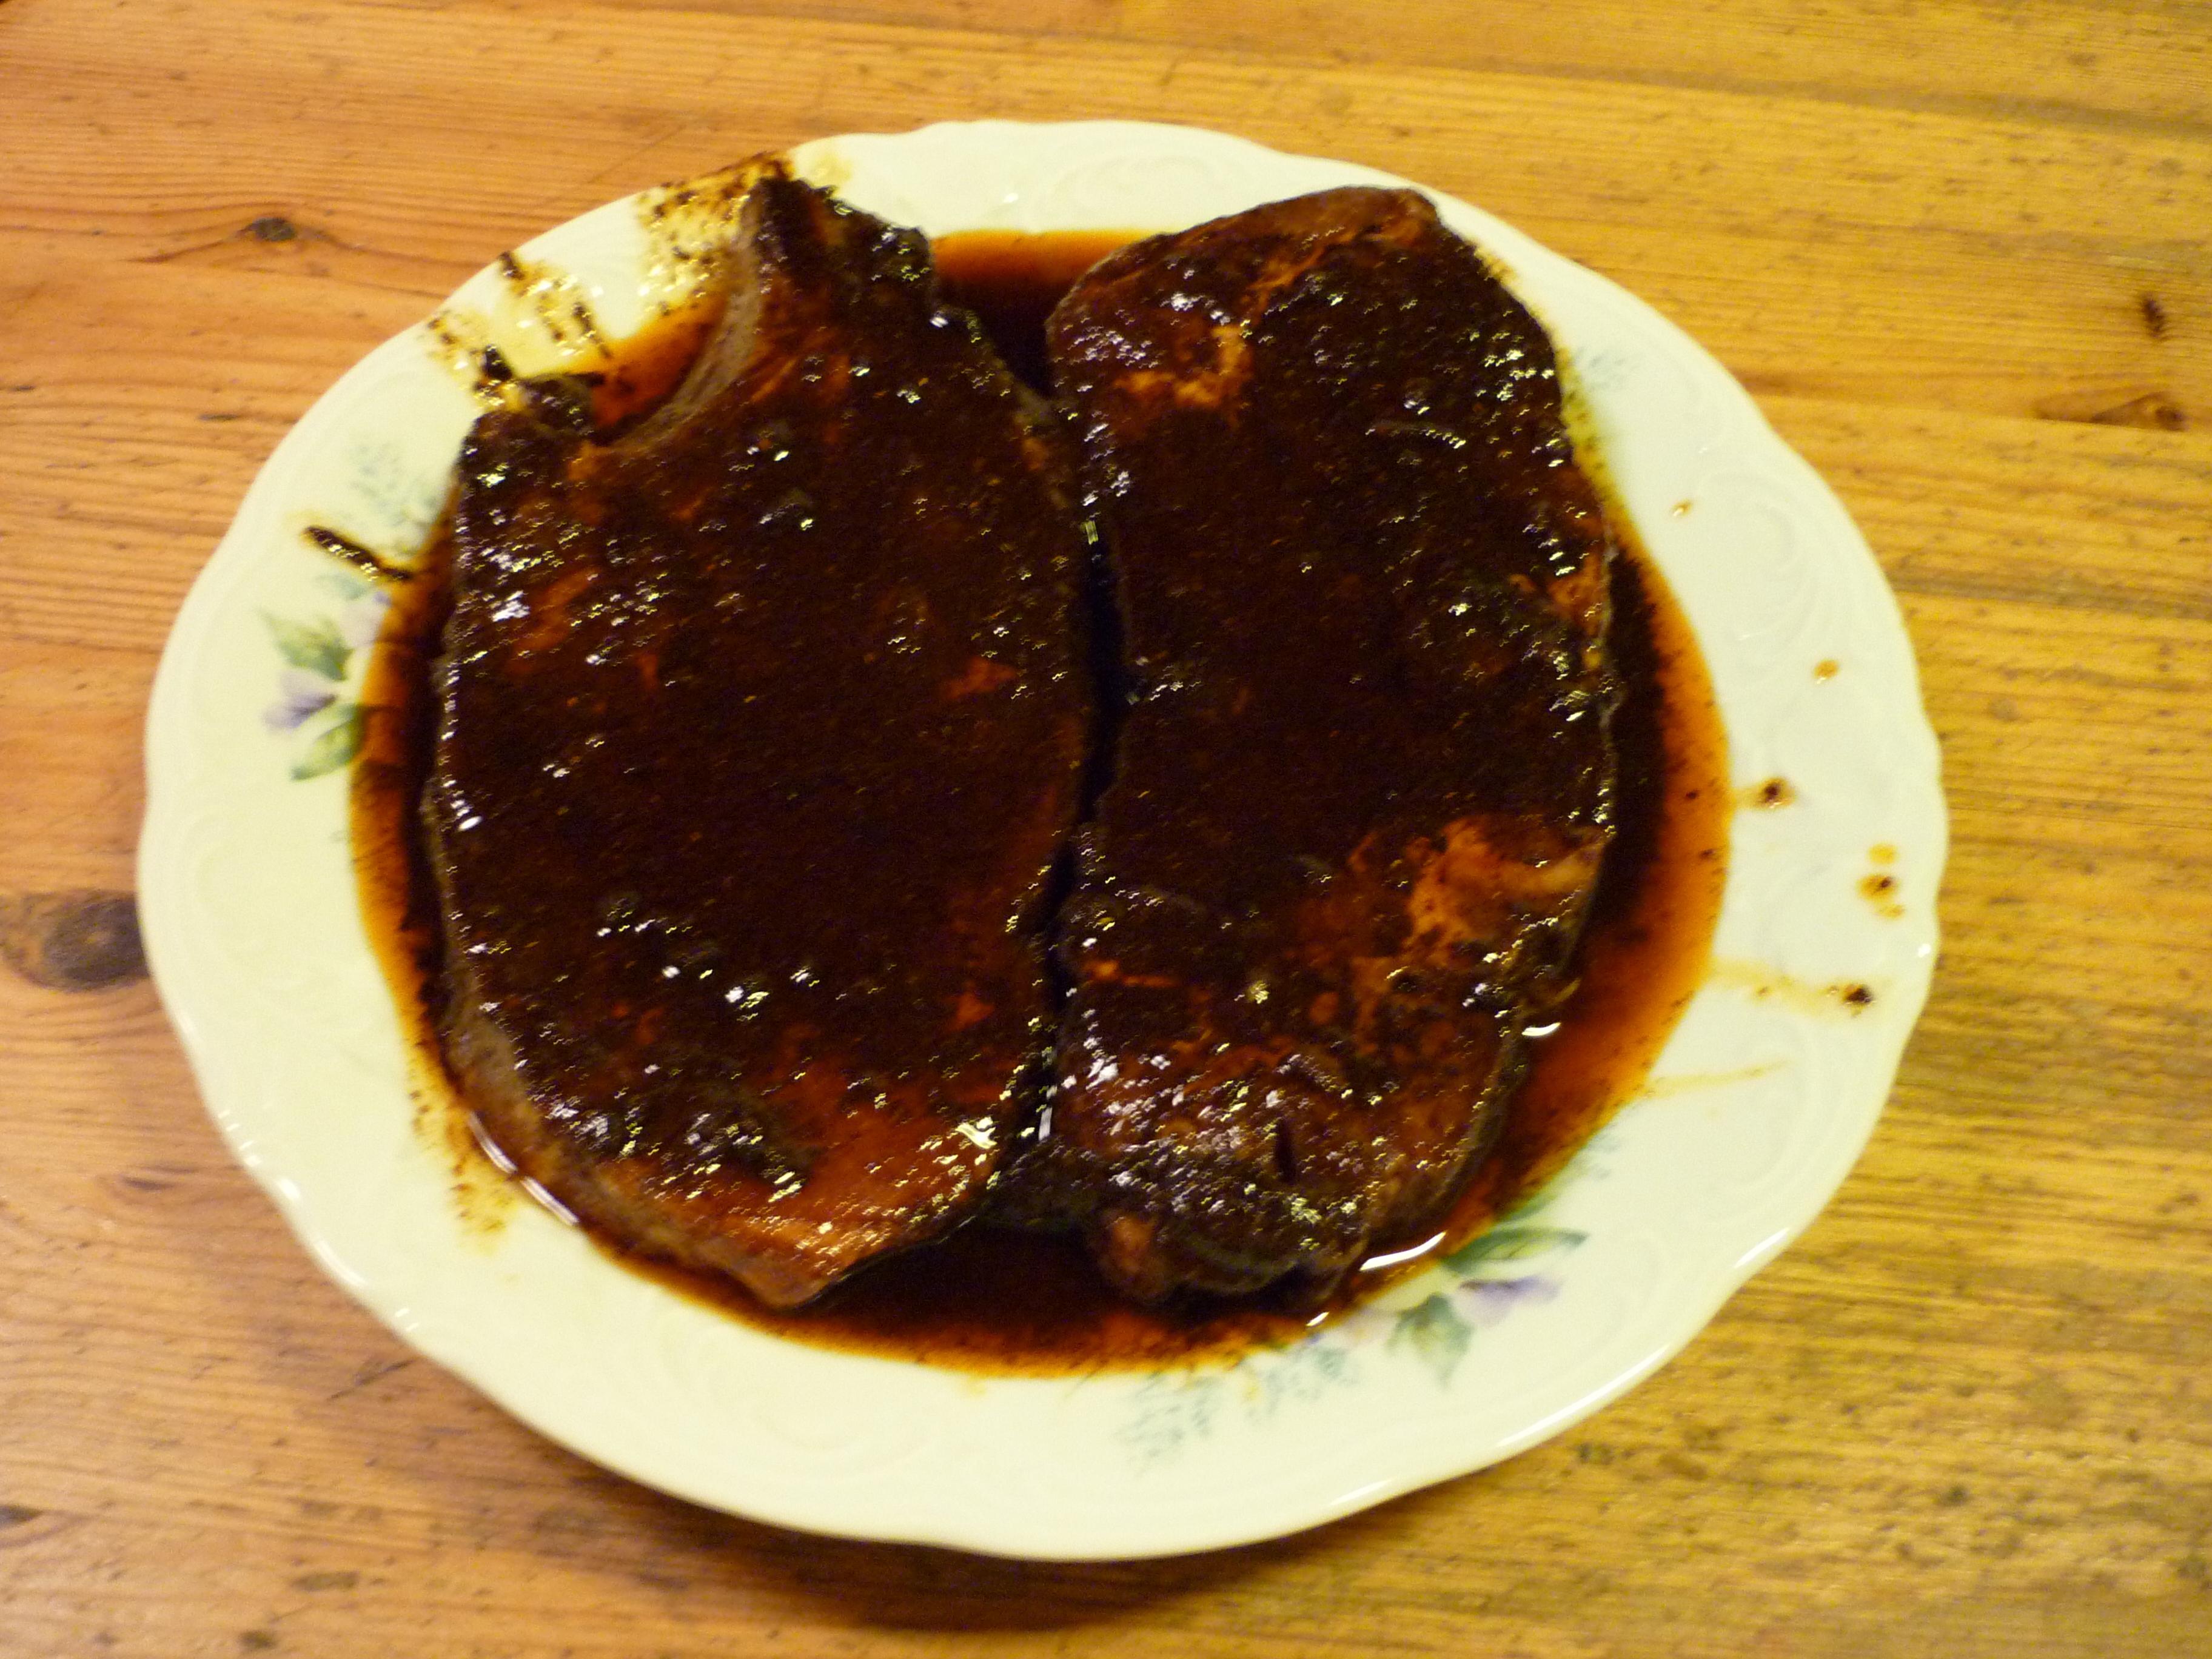 grillmarinad kött